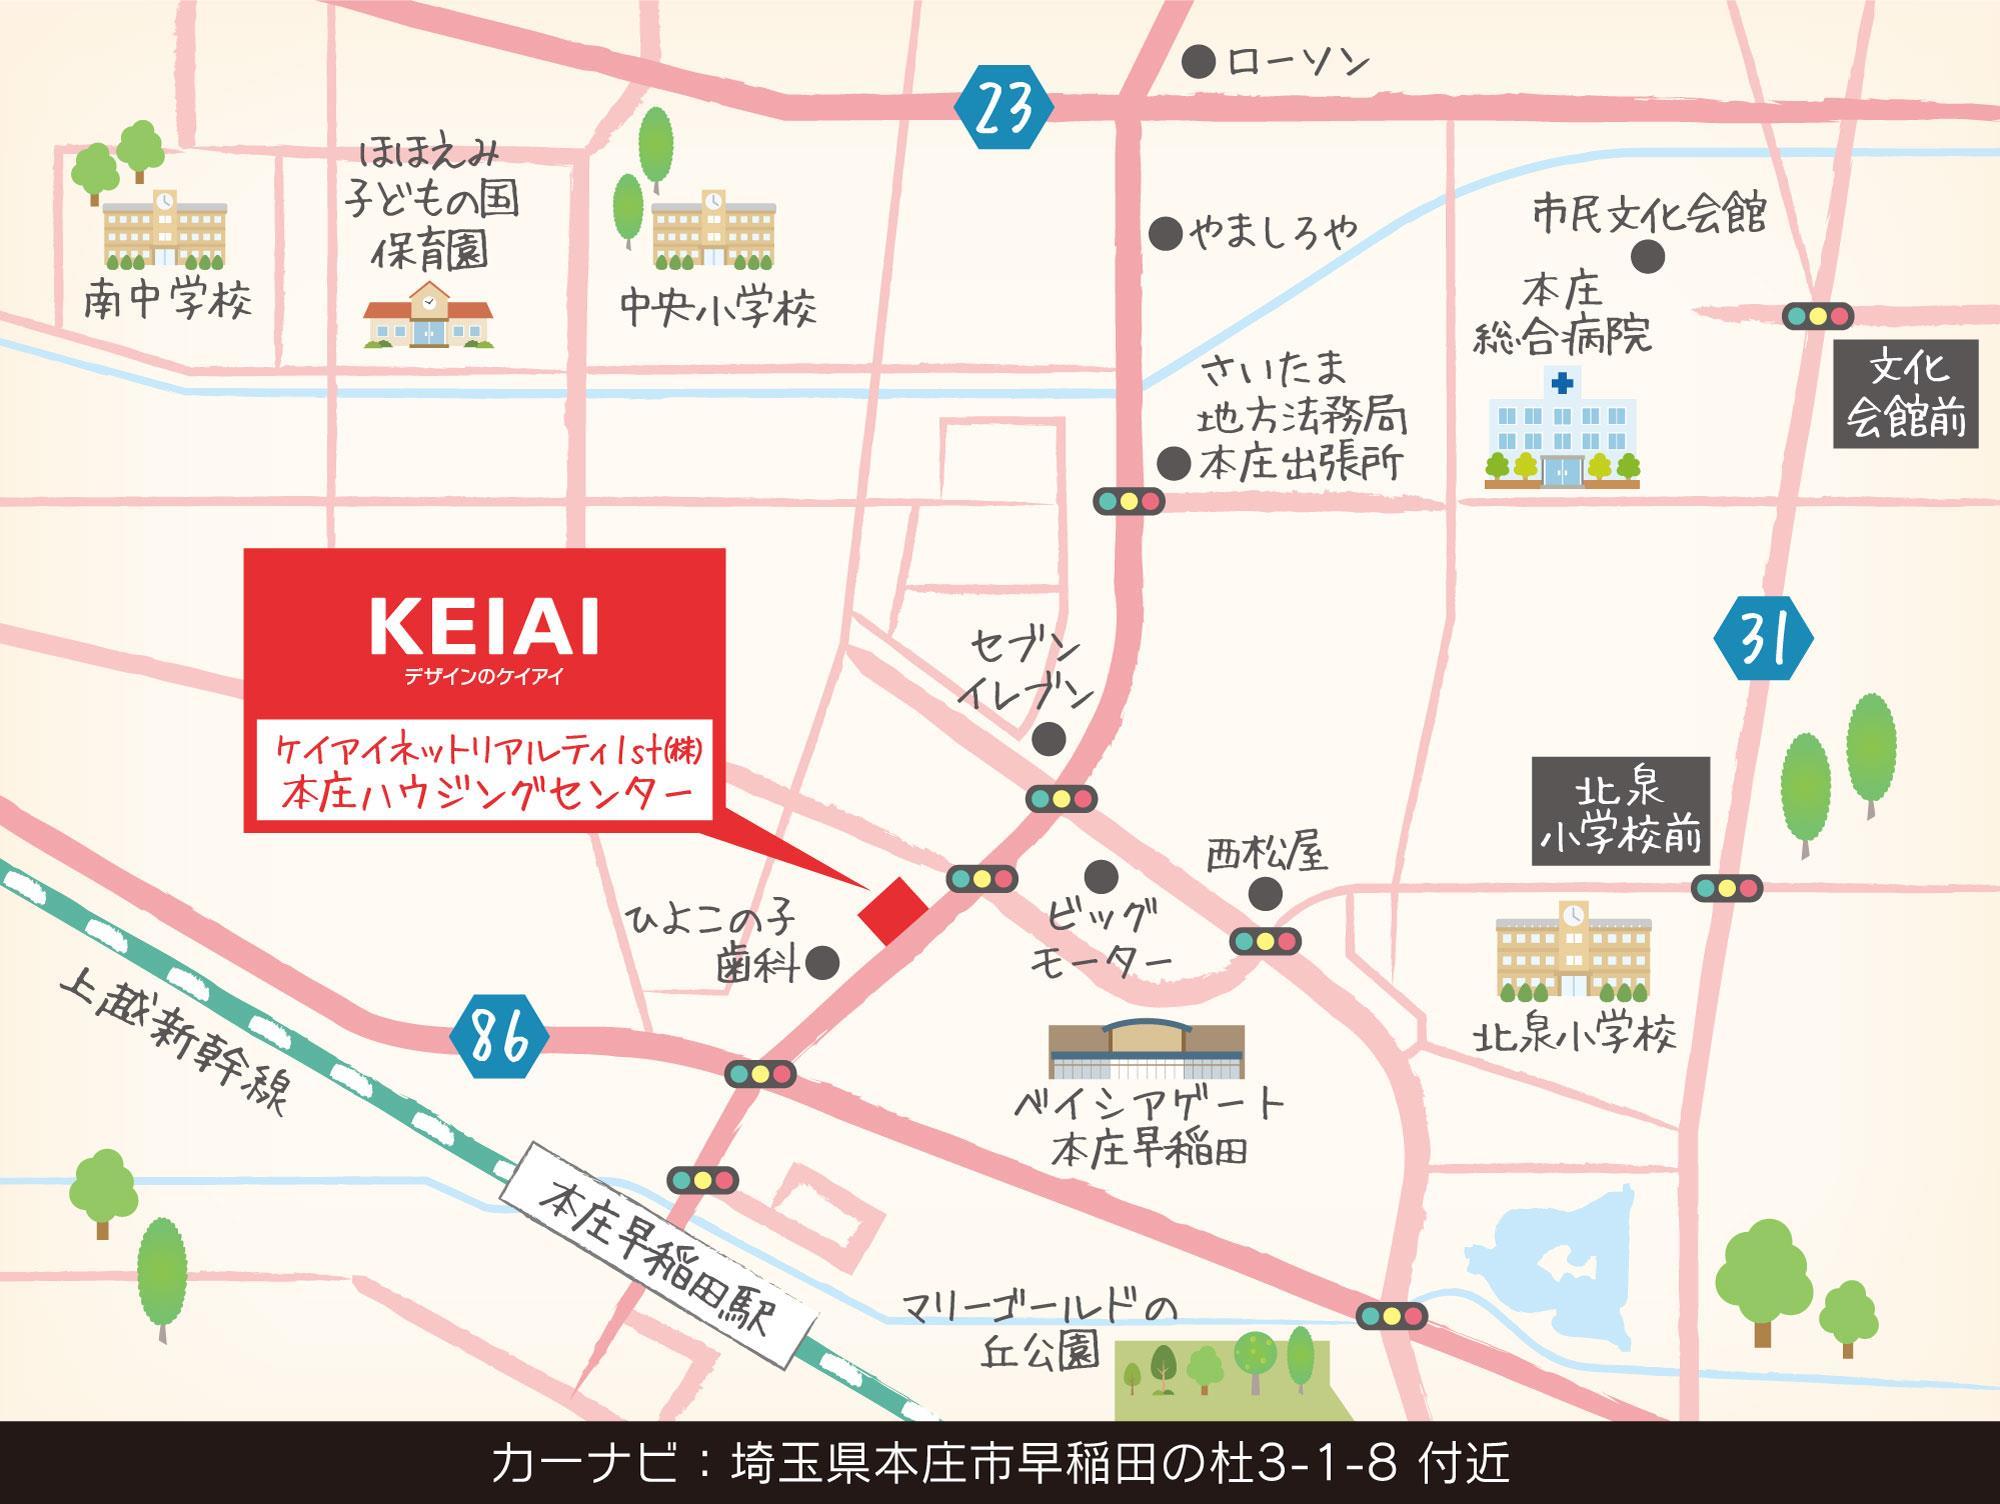 画像種別:地図2周辺環境:地図-交通アクセス図本庄早稲田駅の北側、ベイシアモールのすぐ西側にあります♪